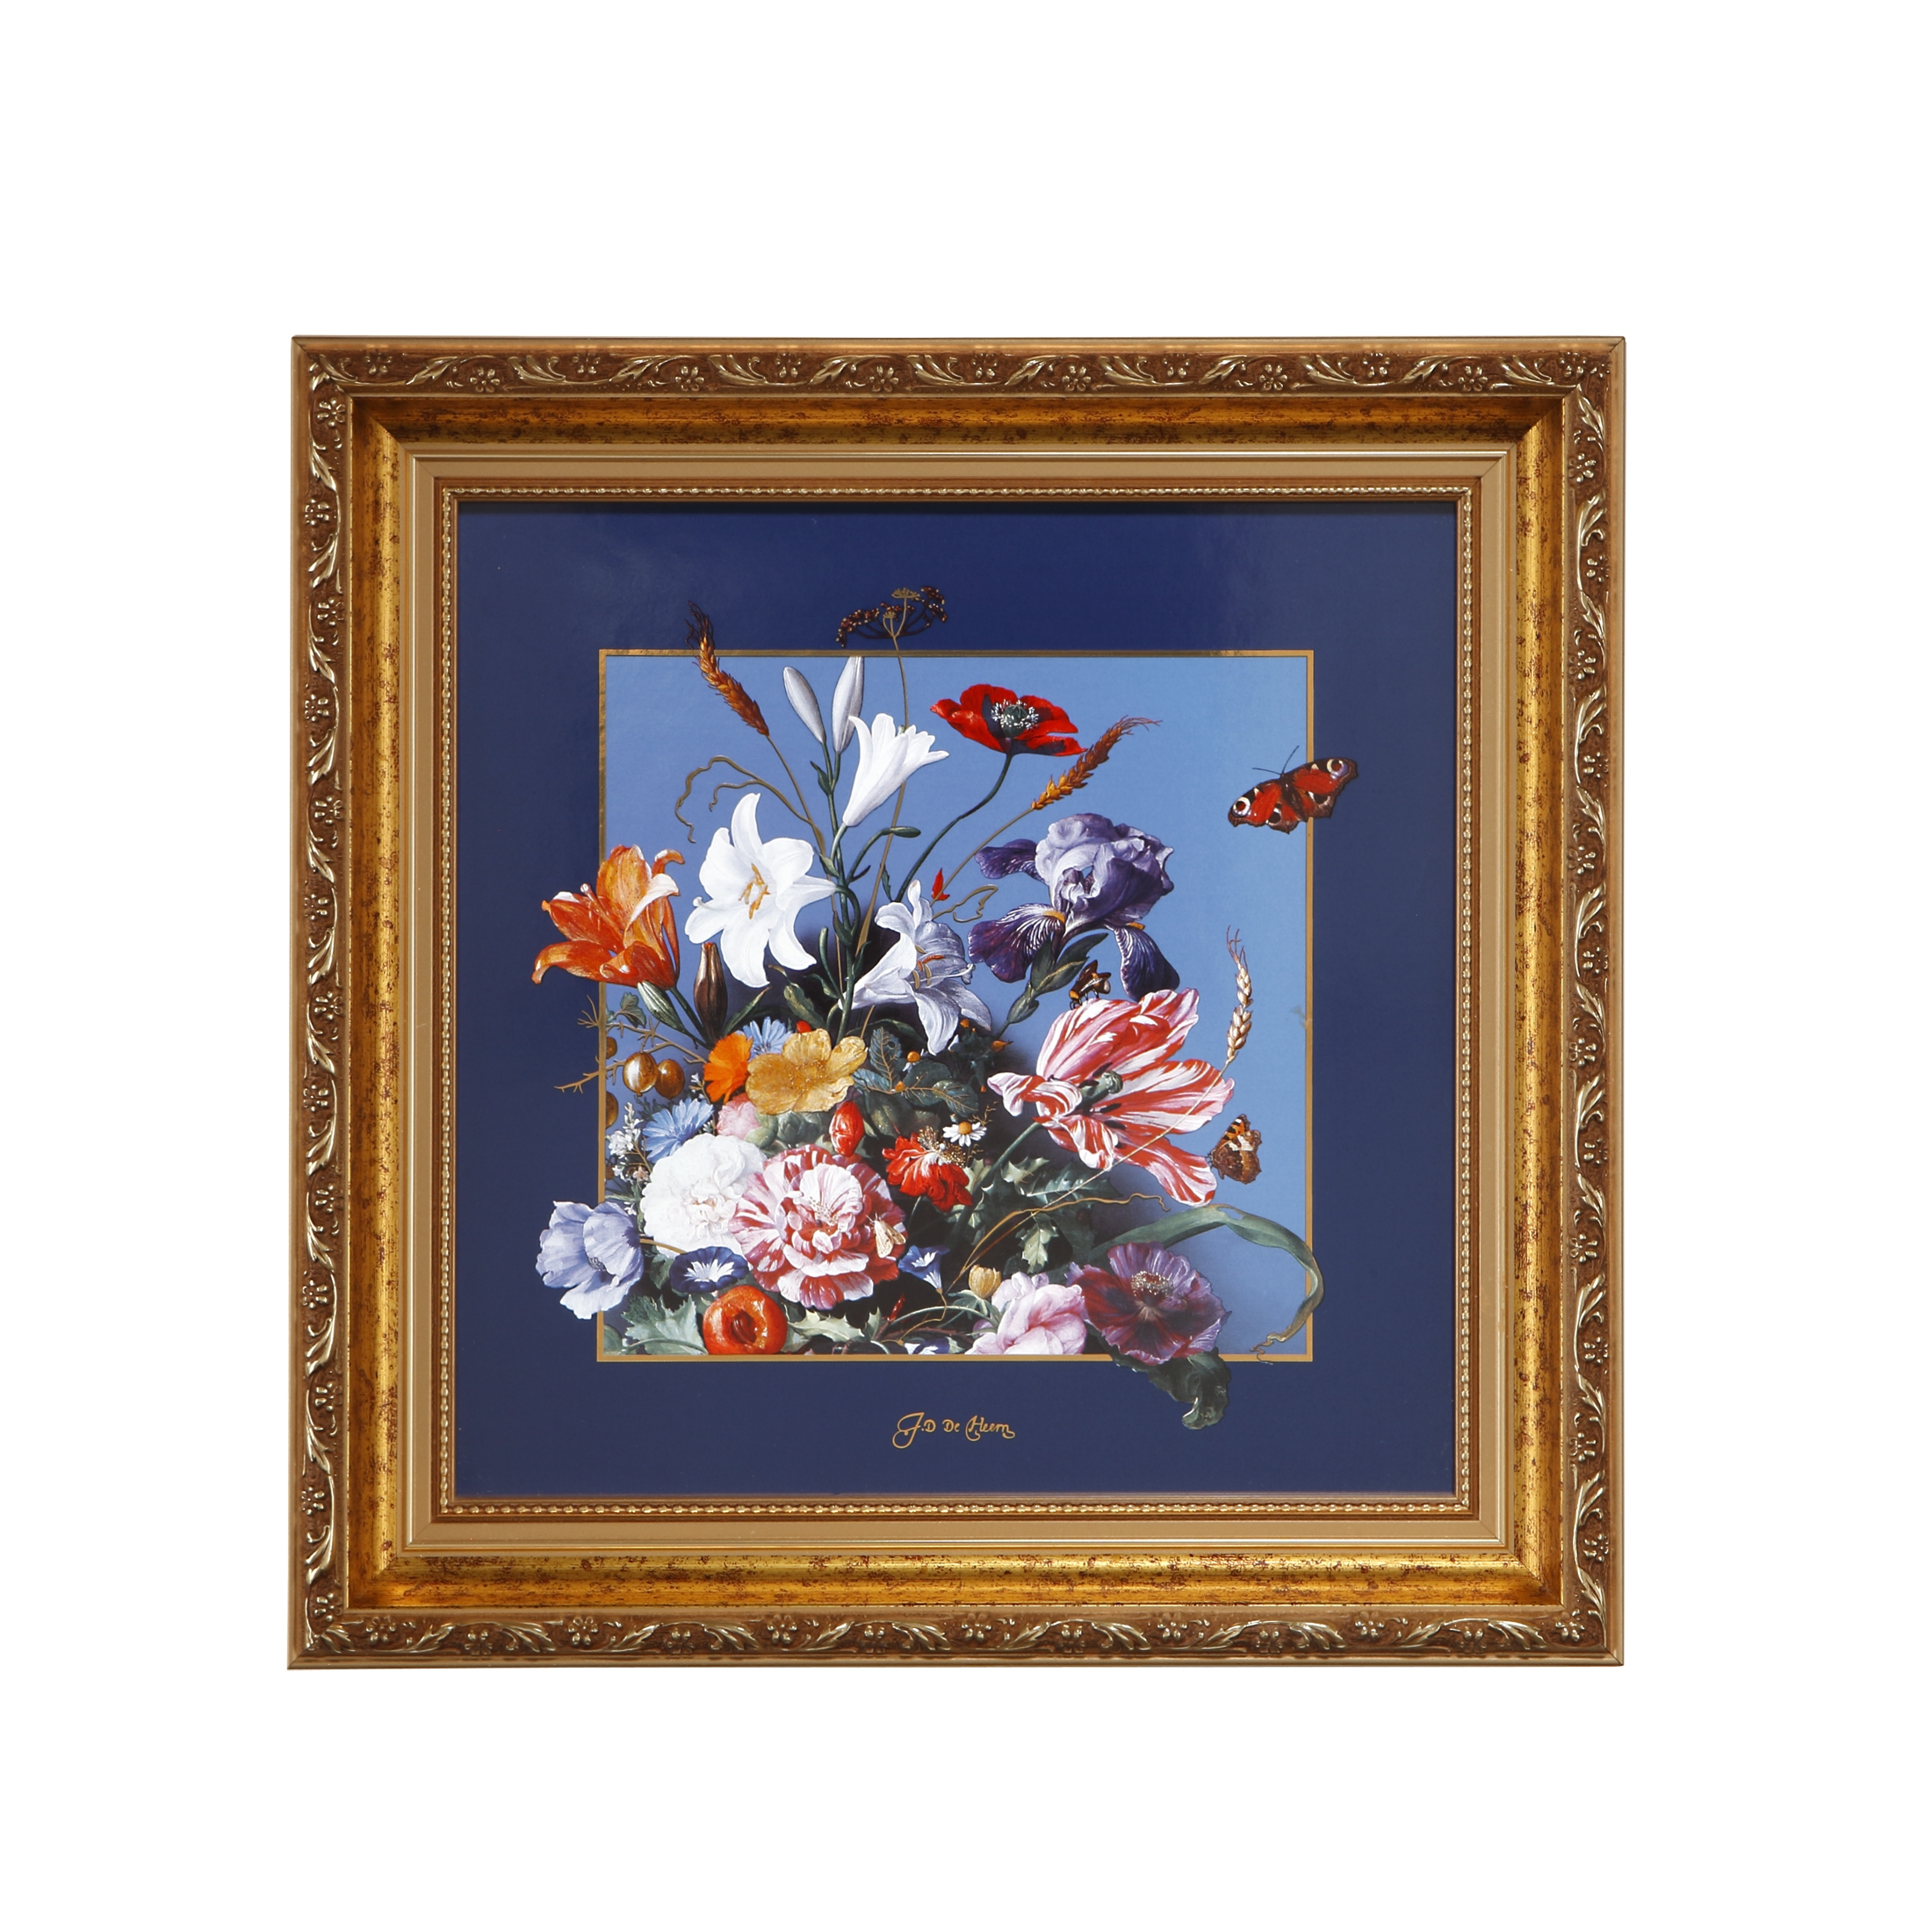 Goebel Artis Orbis Jan Davidsz de Heem 'AO P BI Sommerblumen 31,5x31,5' 2021 !